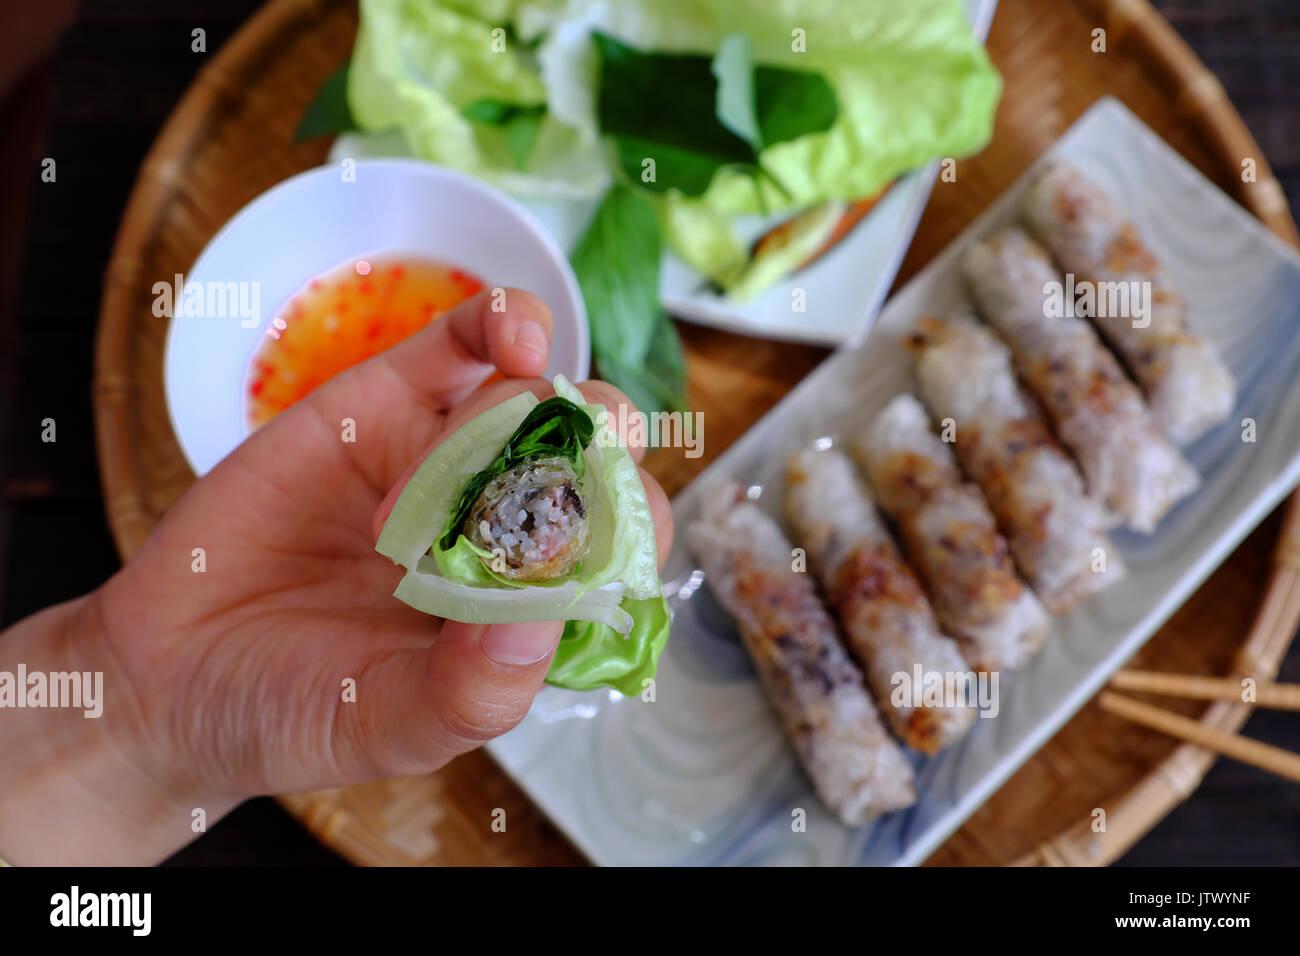 Essen Frühlingsrolle Gebäck Oder Cha Gio Ist Beliebt Essen In Vietnam Küche,  Füllung Aus Fleisch Und Wrapper Von Reis Papier, Dann Frittiert, ...